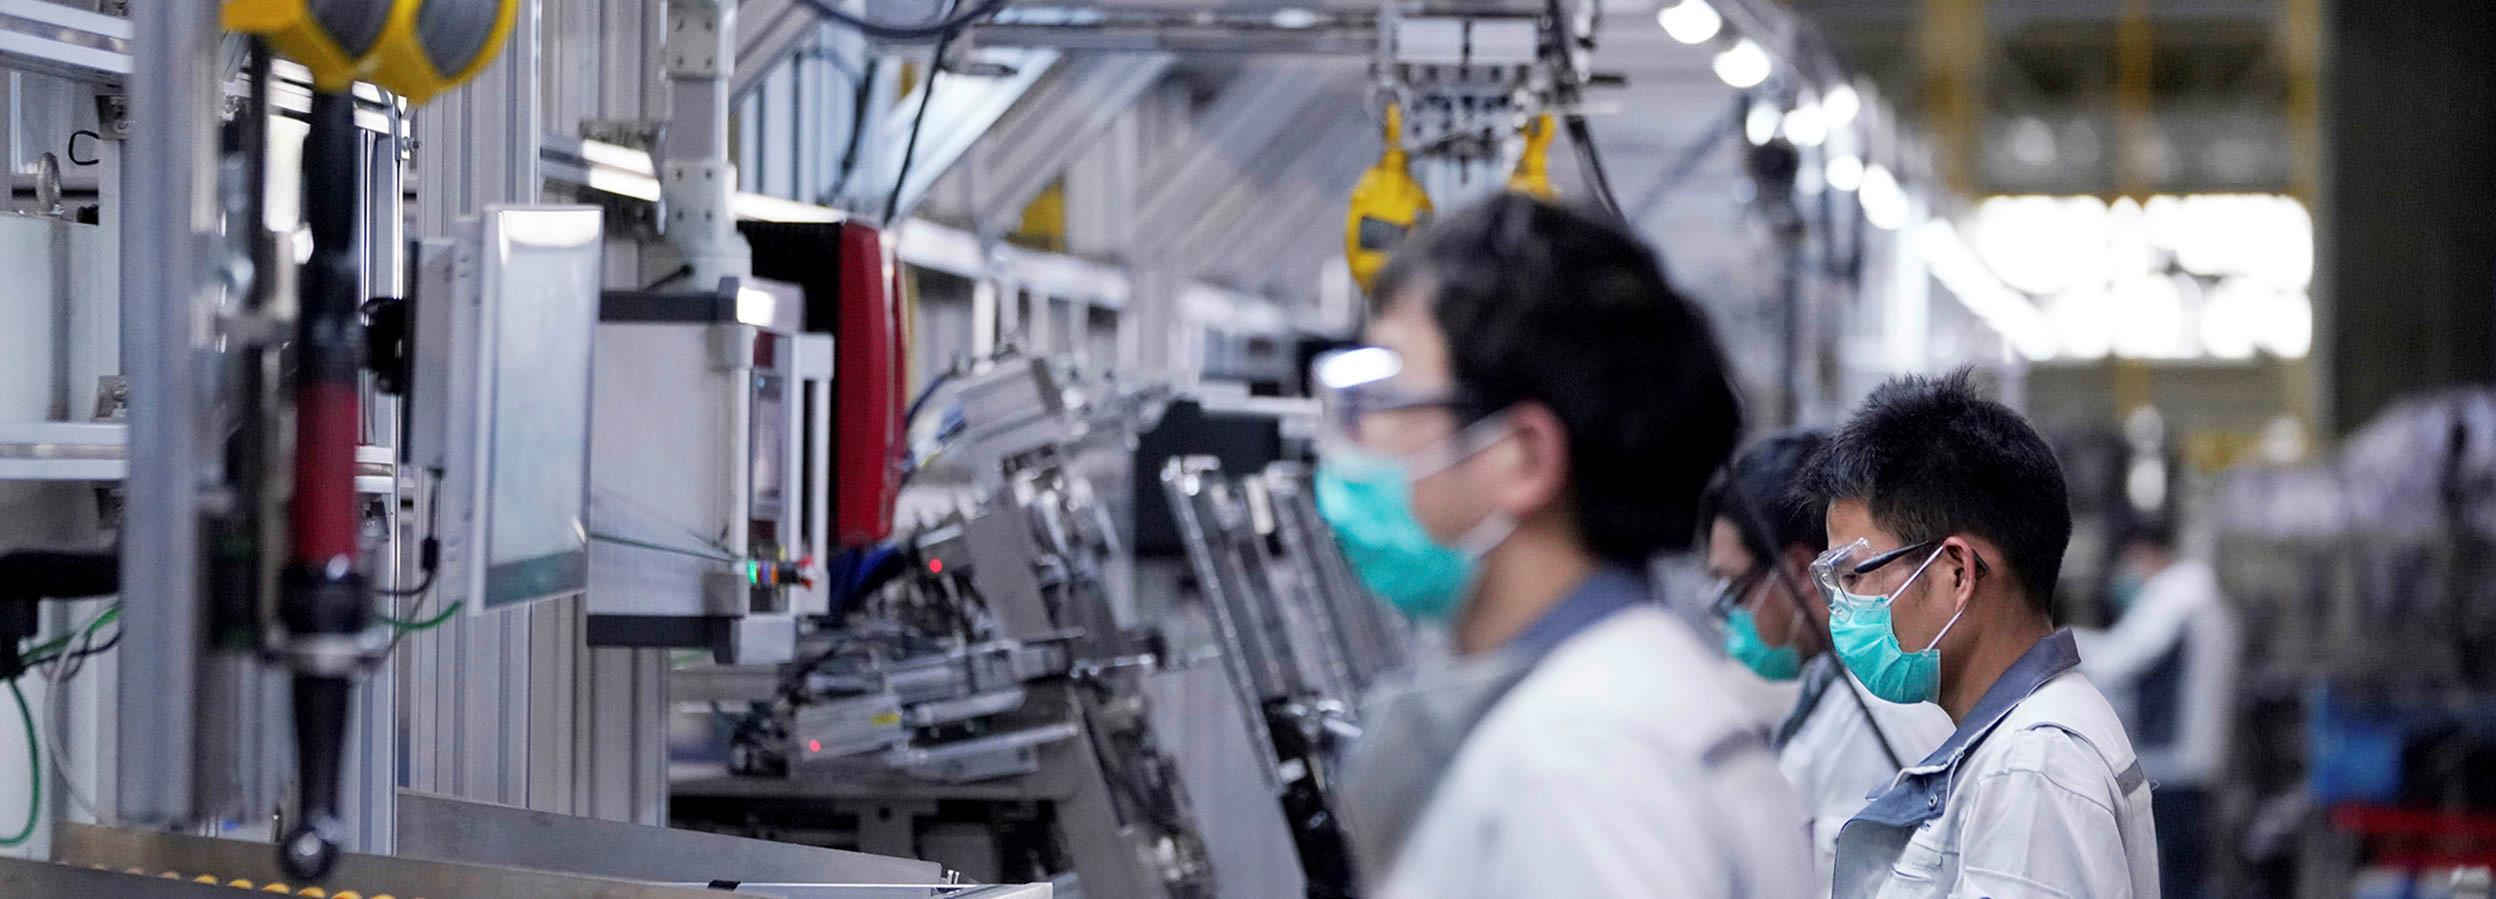 تابع أخر مستجدات تأثير فيروس «كورونا» على صناعة السيارات وأنشطتها العالمية والمحلية